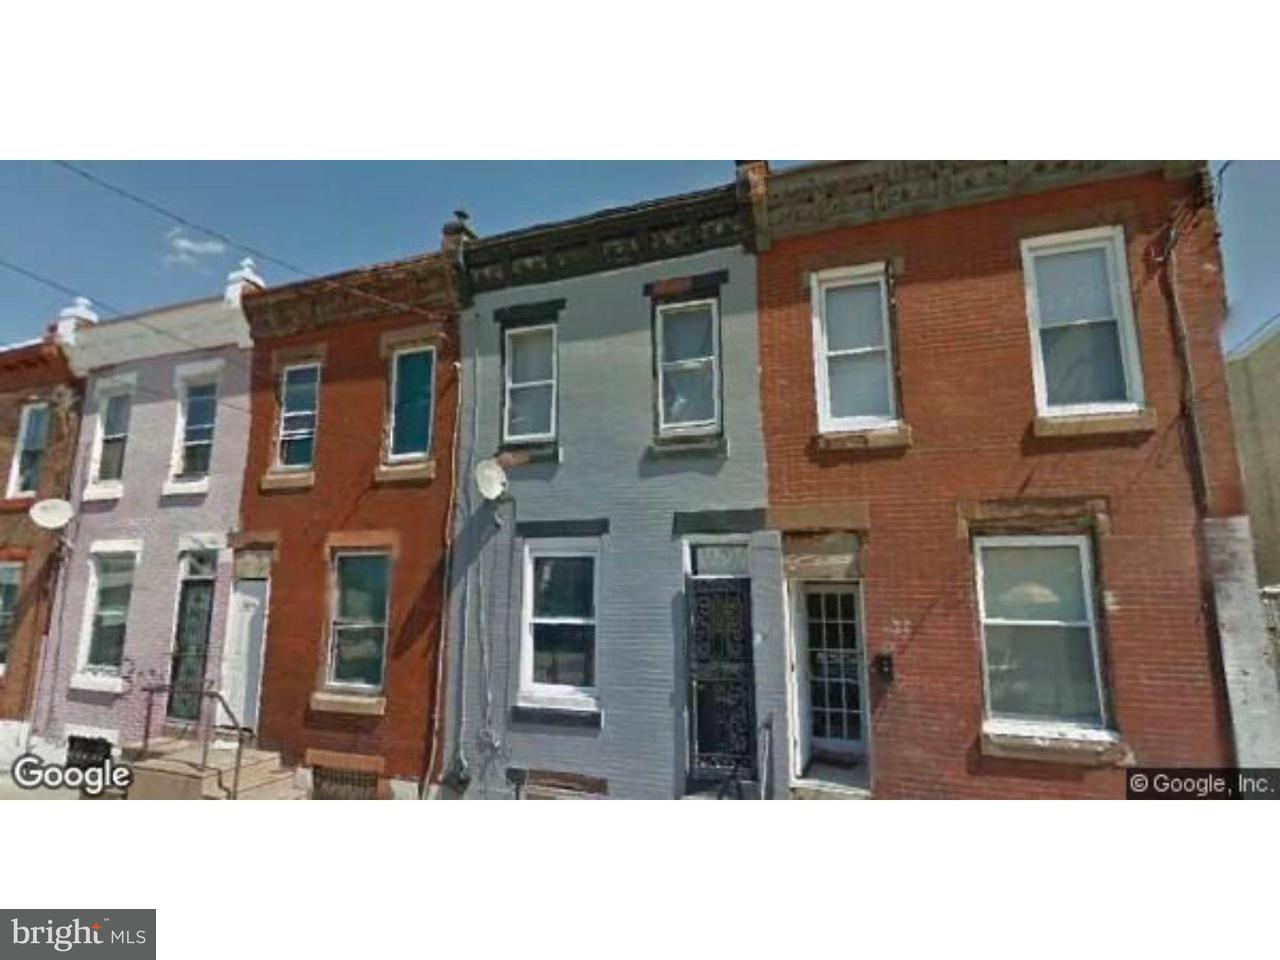 3019 N Reese Philadelphia , PA 19133